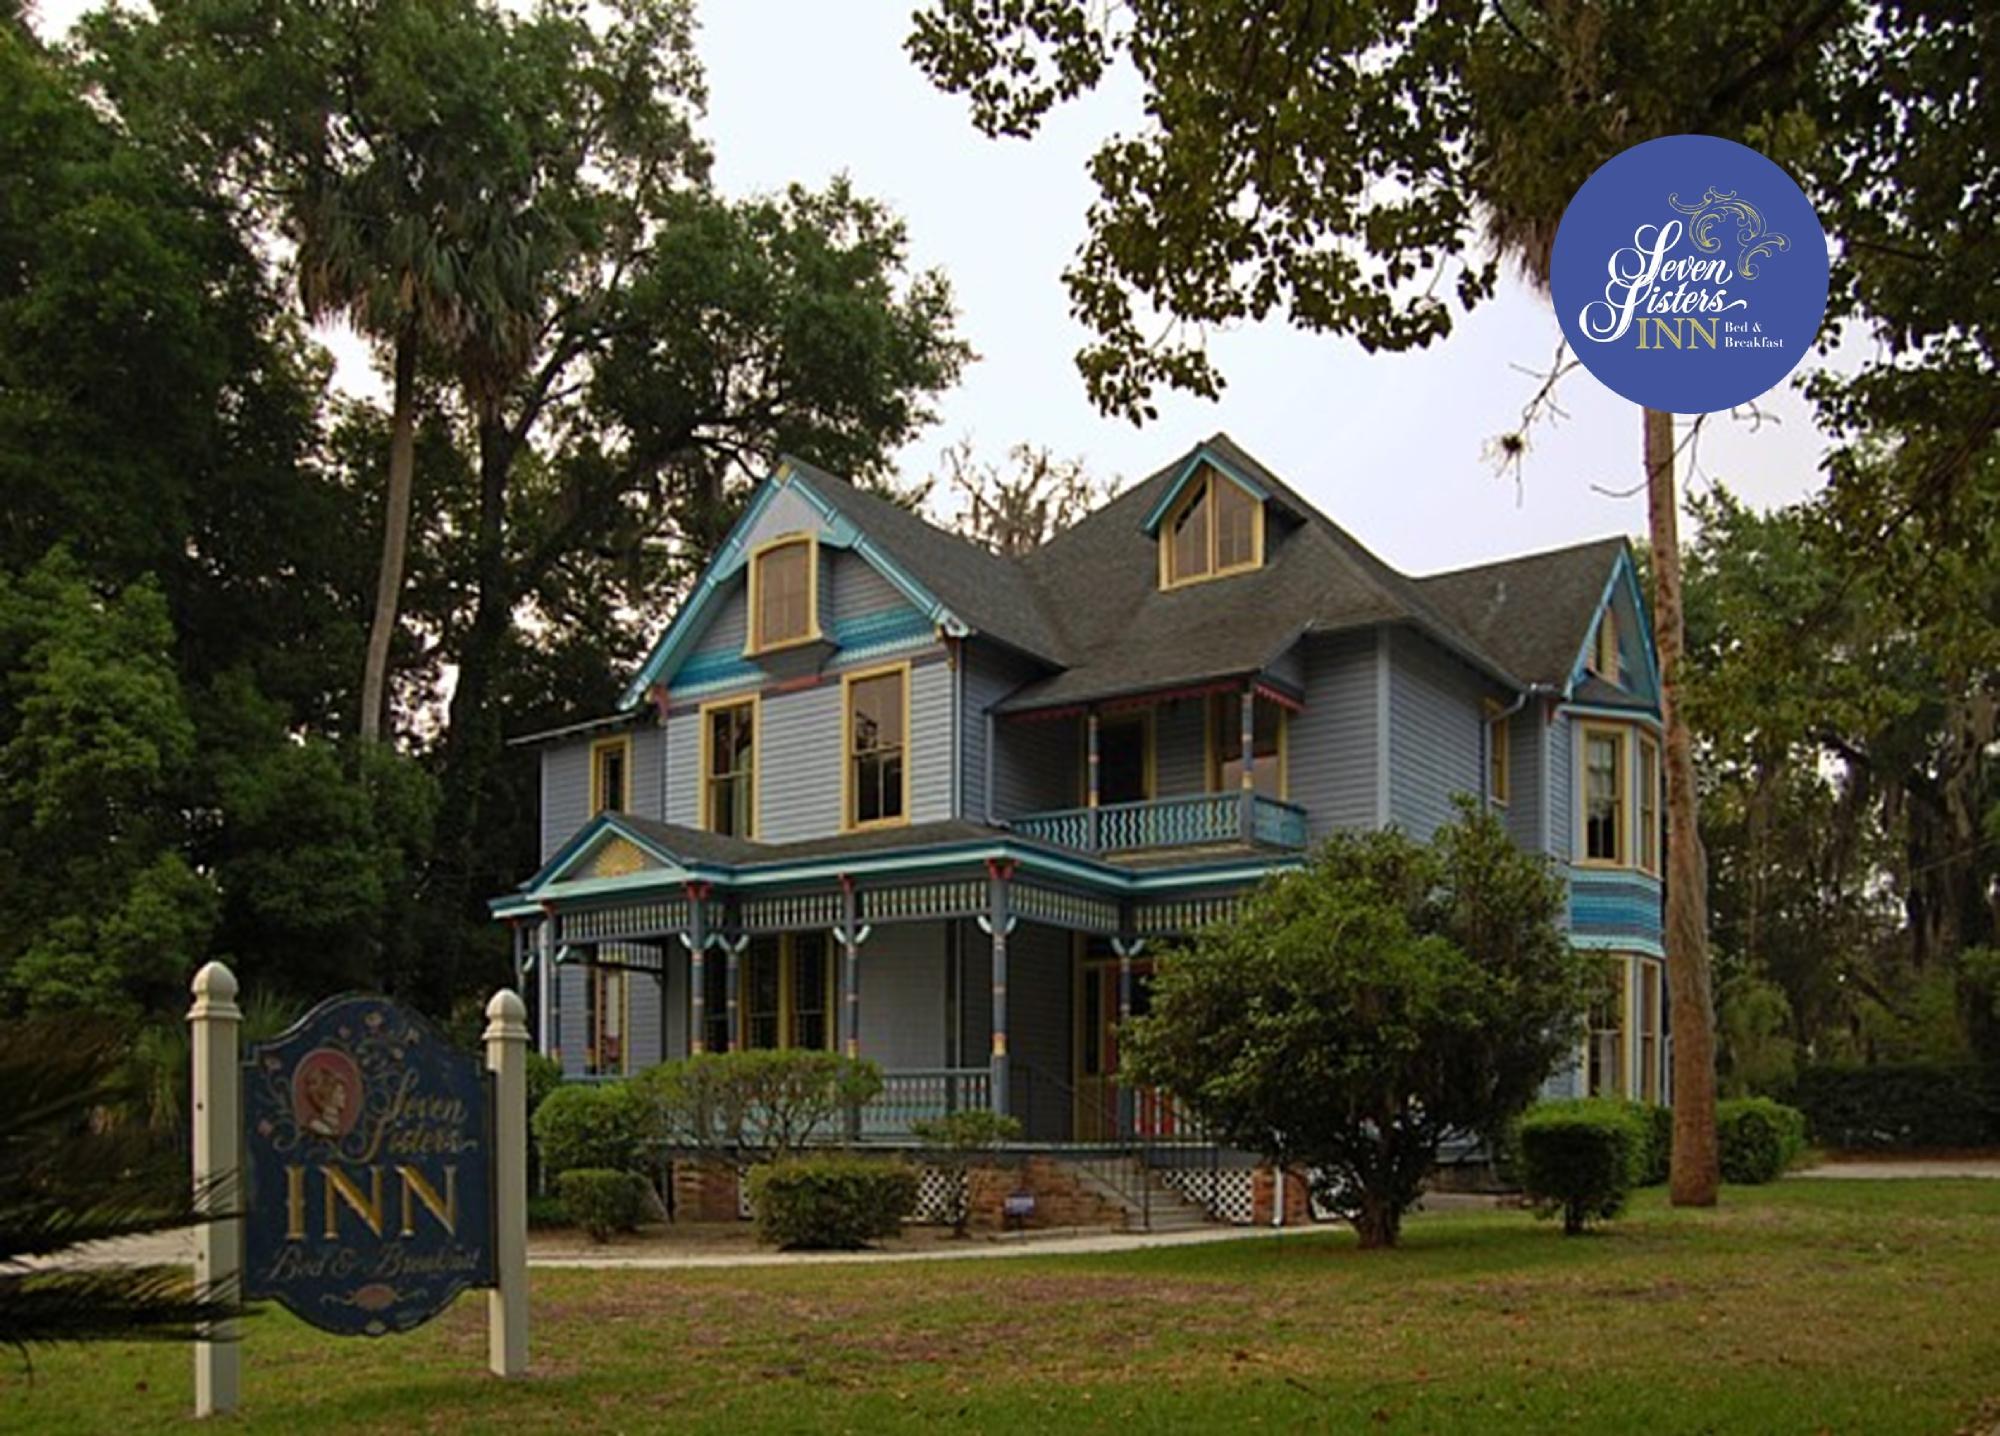 Seven Sisters Inn